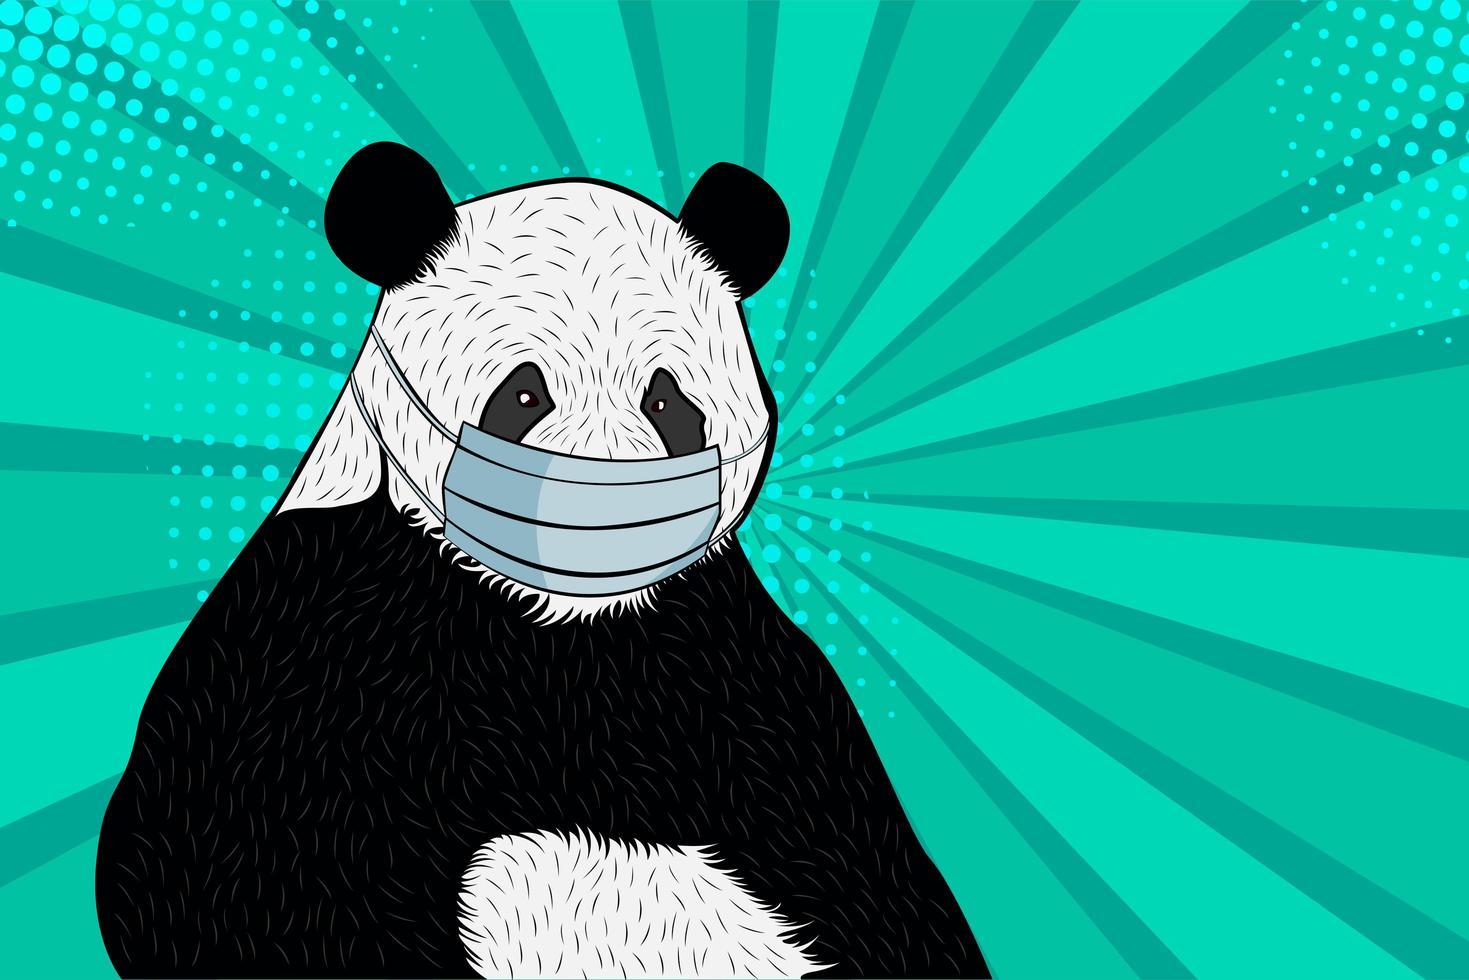 panda dans un masque médical. style bande dessinée rétro pop art. vecteur